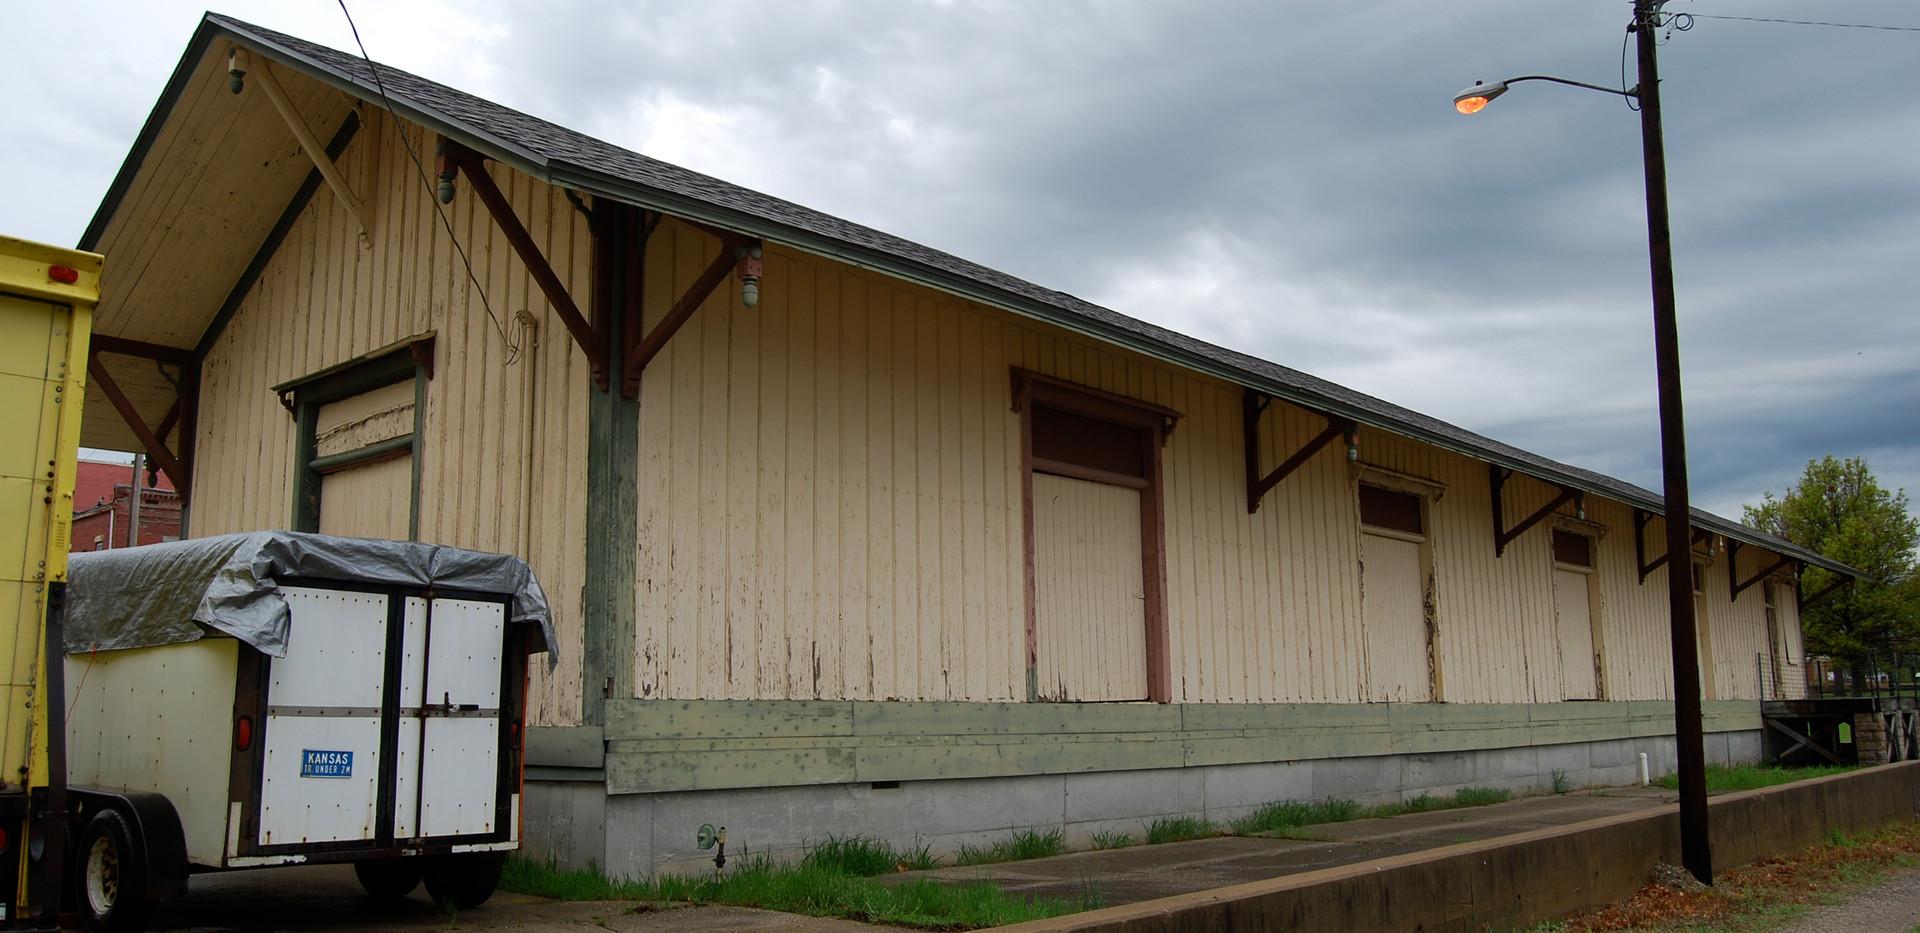 MKT freight depot